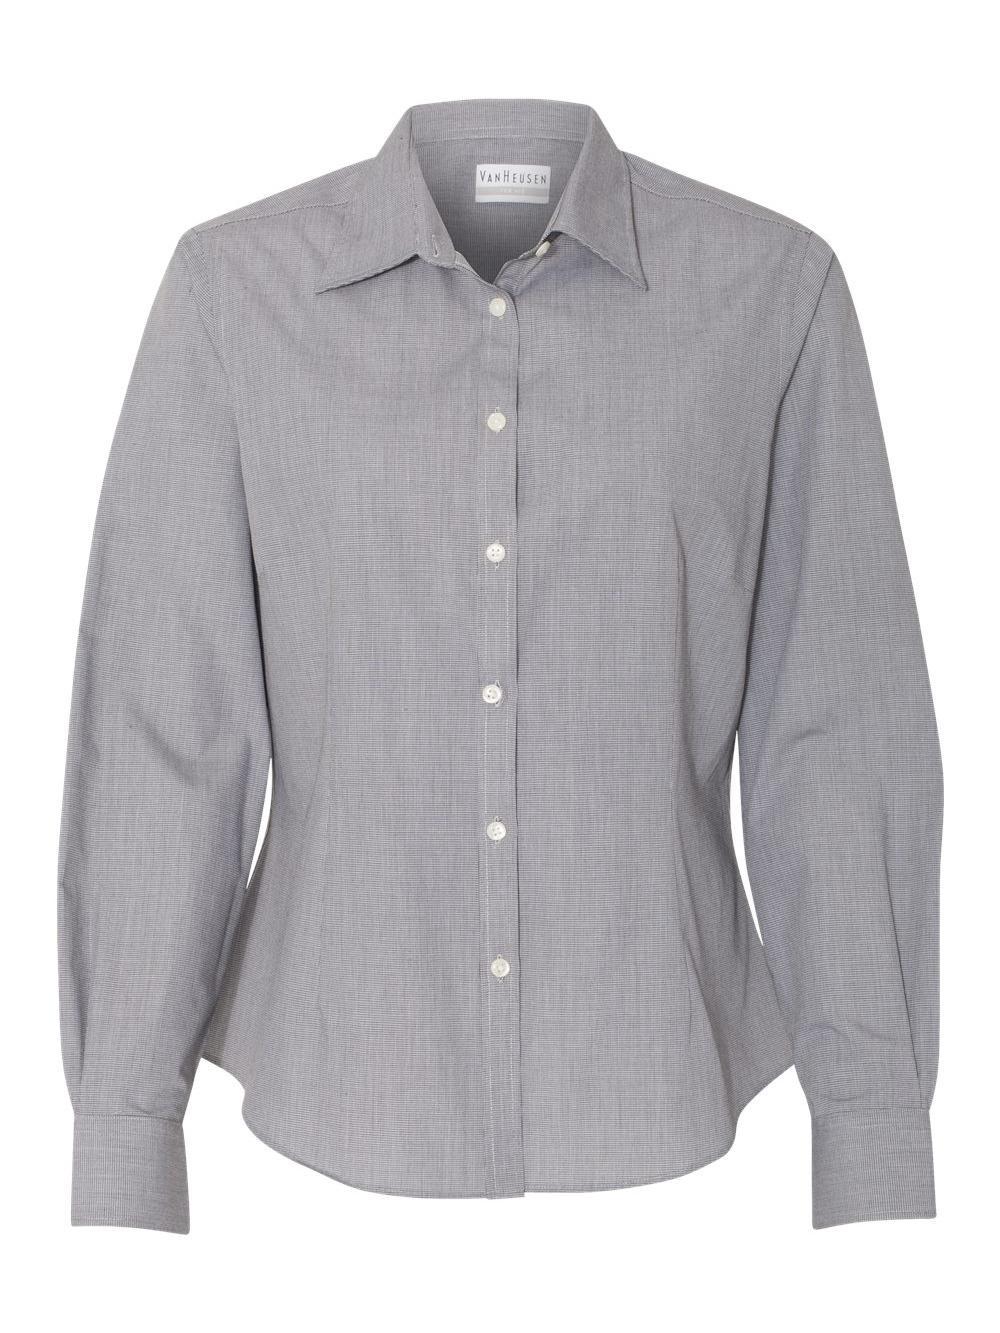 Van-Heusen-Women-039-s-Yarn-Dyed-Mini-Check-Long-Sleeve-Shirt-13V0427 thumbnail 3